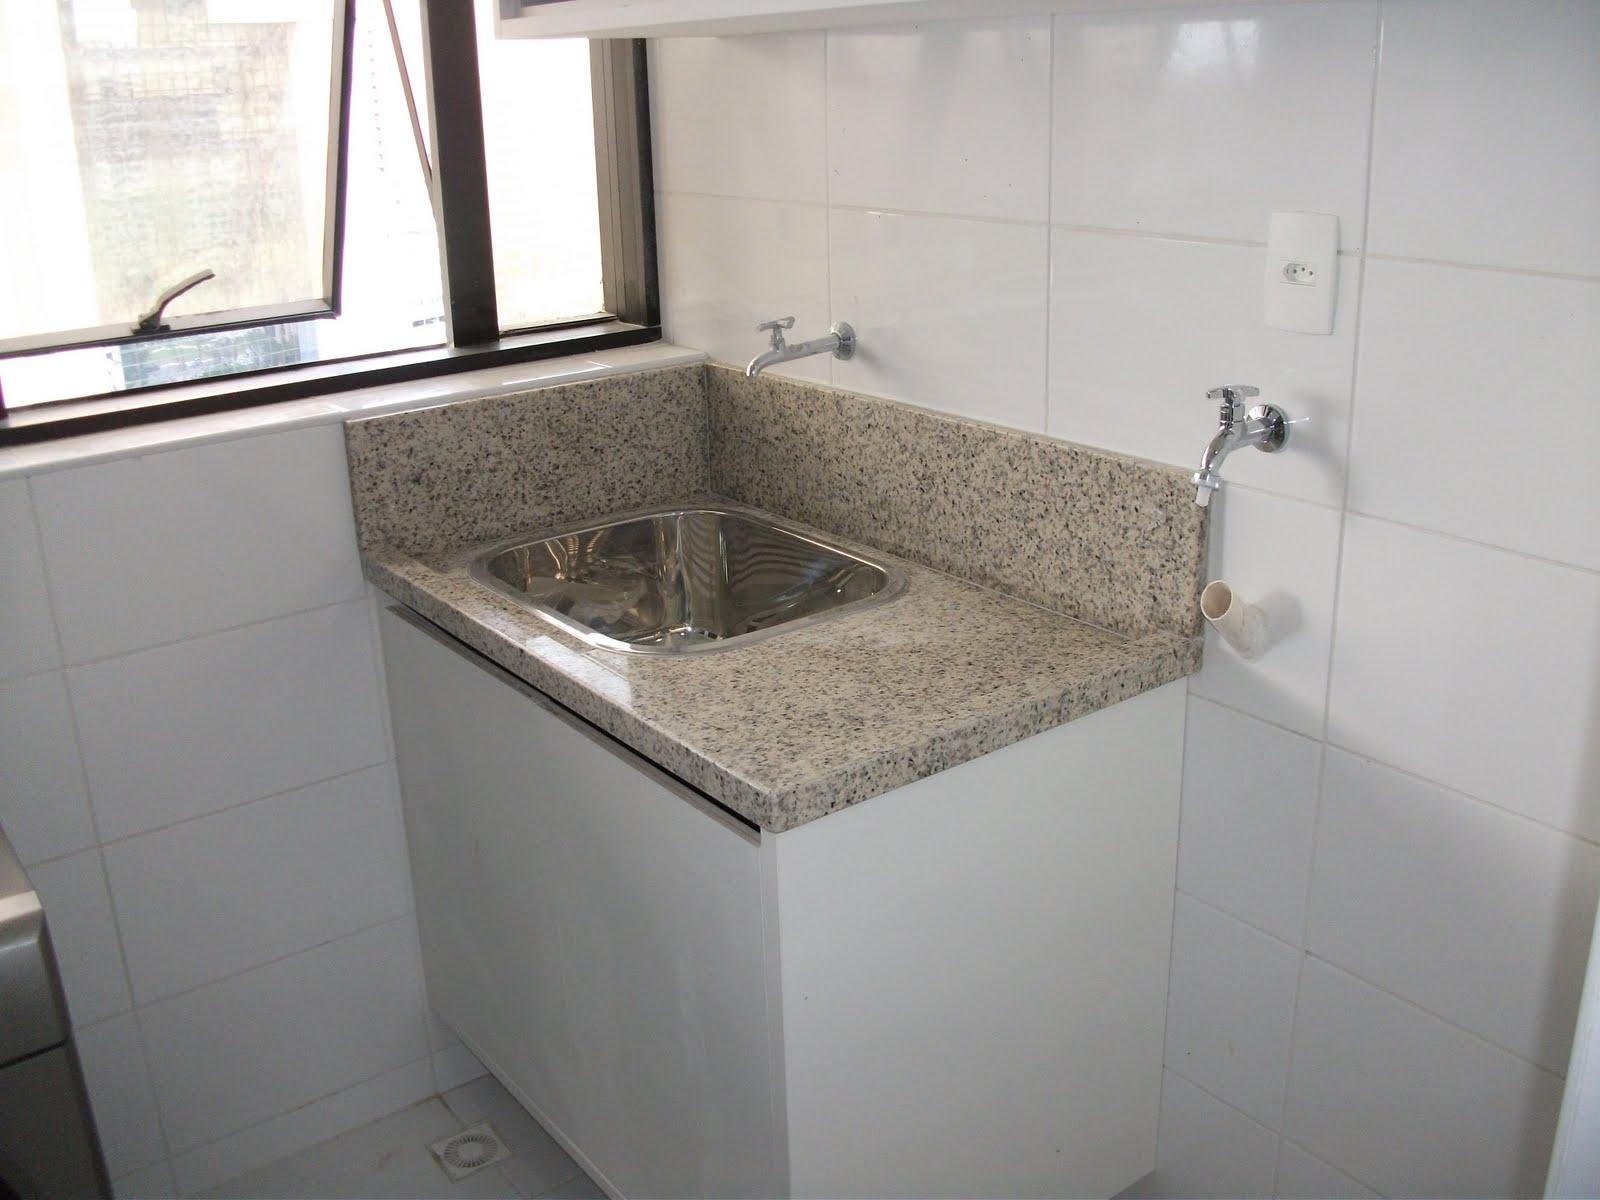 Granito Branco Cotton em Bancada de Área de Serviços #5A5146 1600x1200 Bancada Banheiro Branco Siena